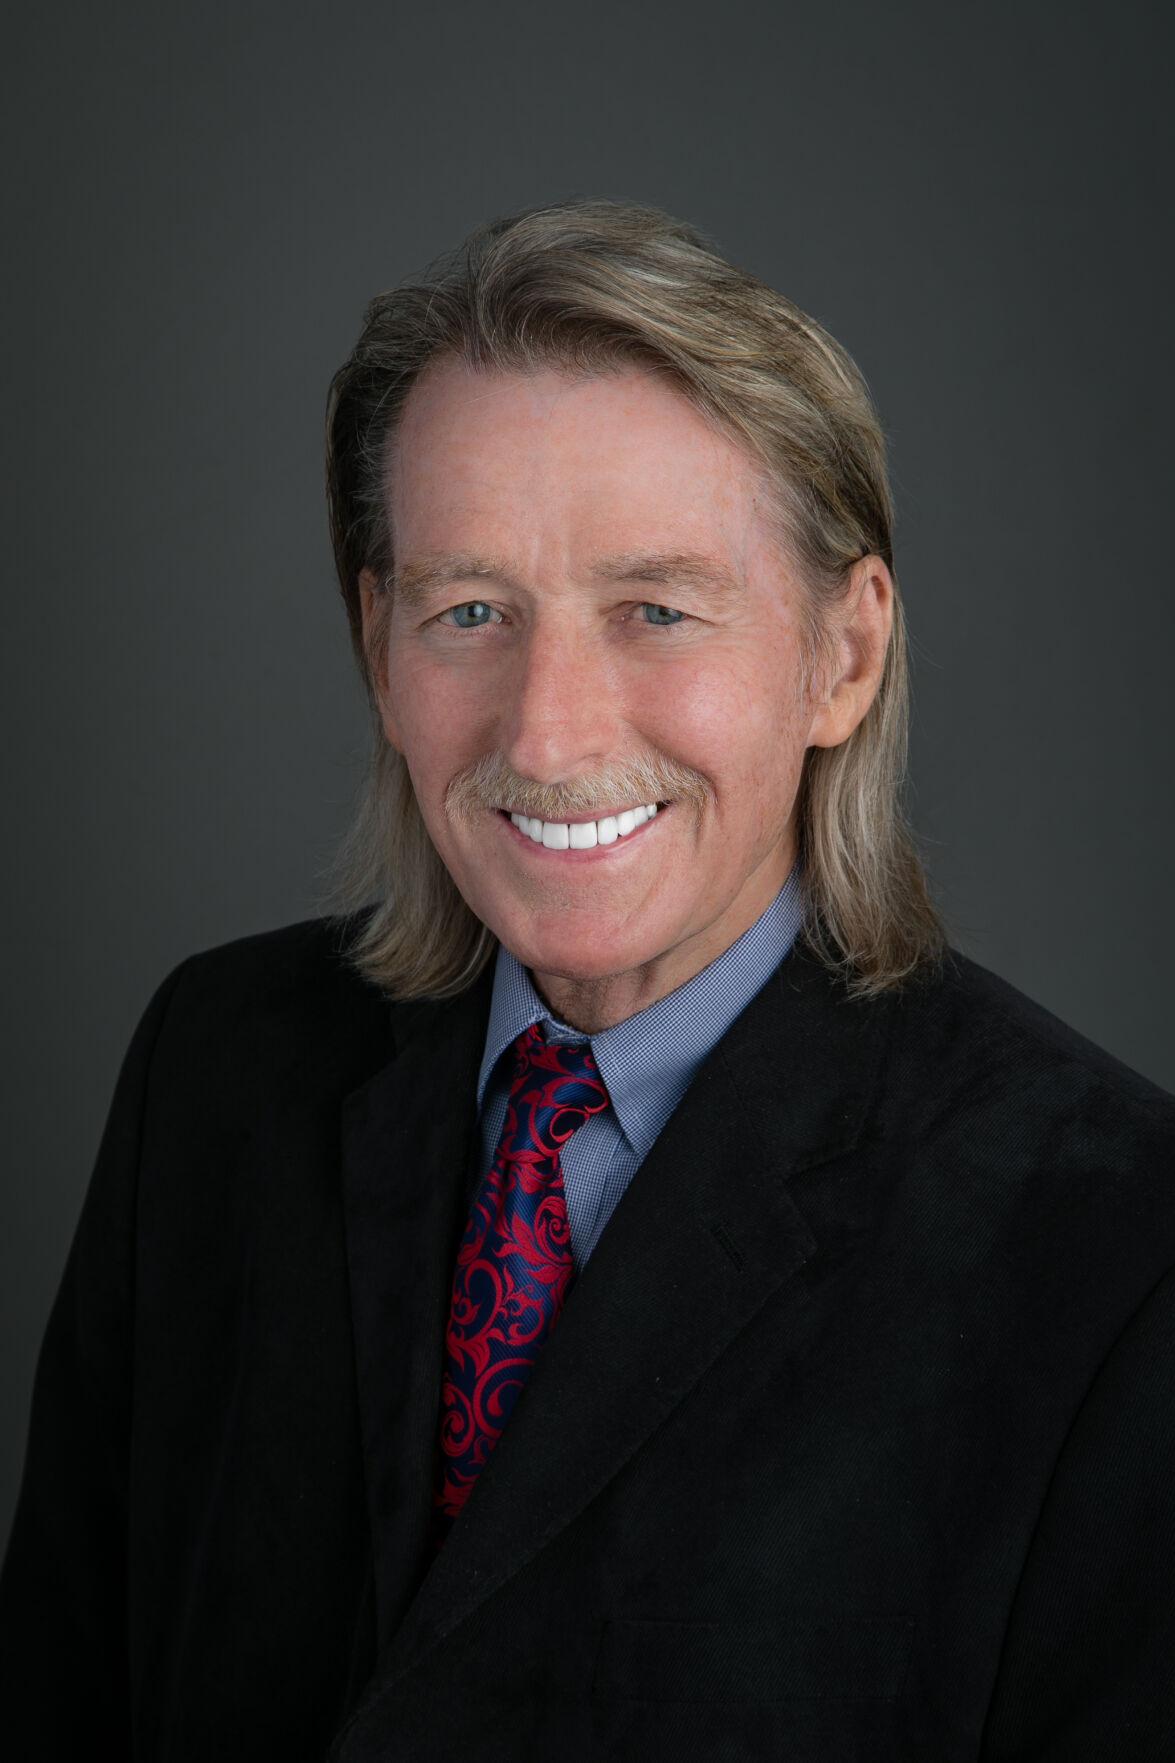 Alan Northcutt